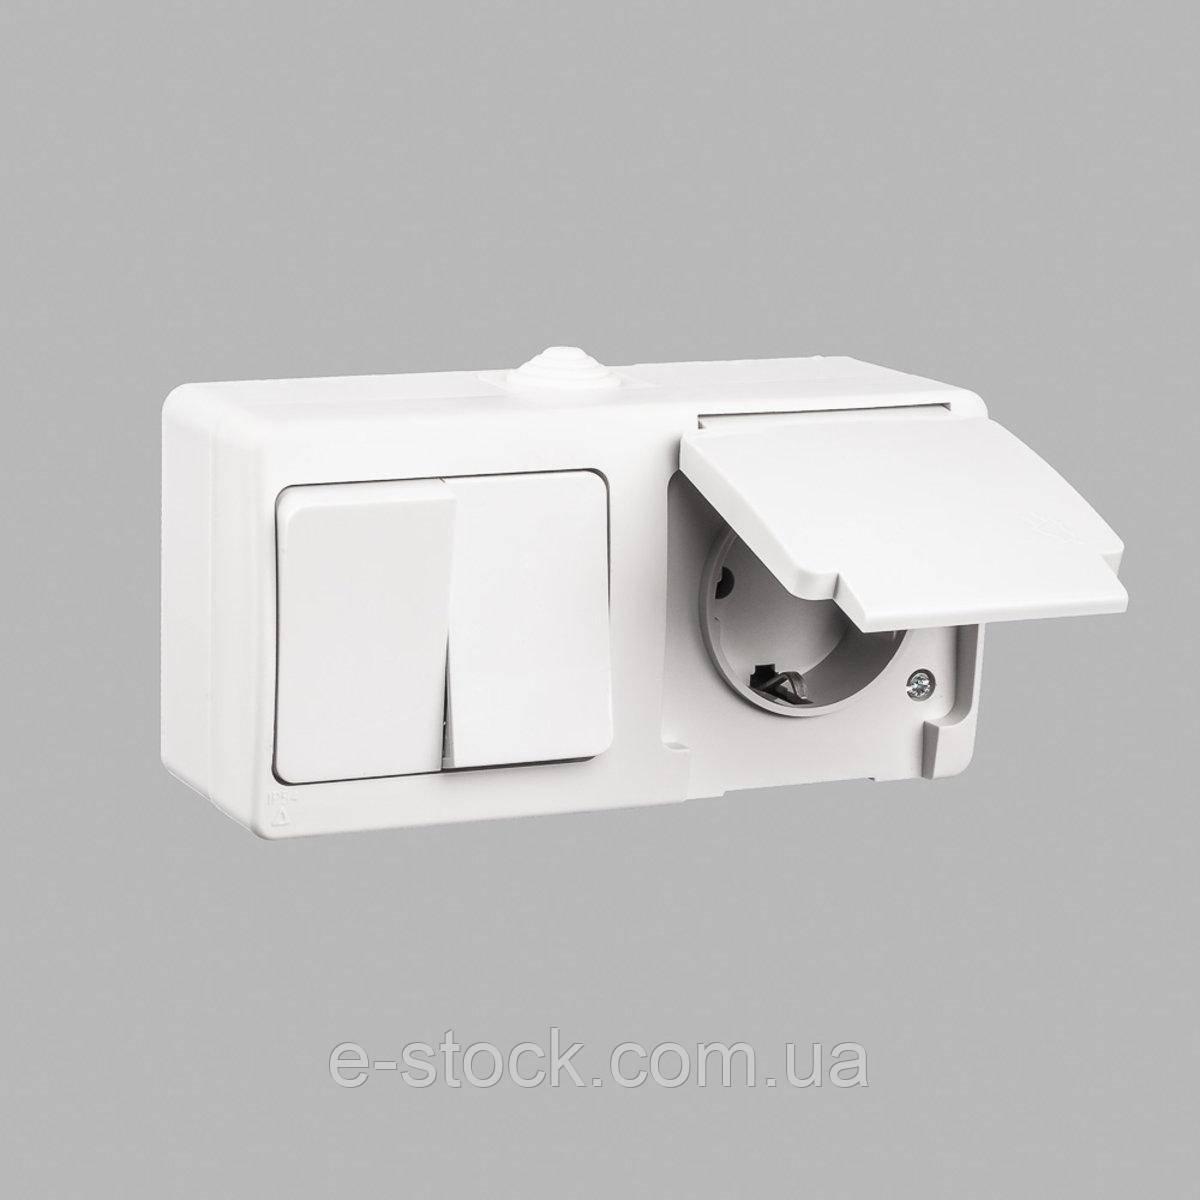 Nemli блок выключатель 2-ой + розетка с заземлением влагозащищенный серый